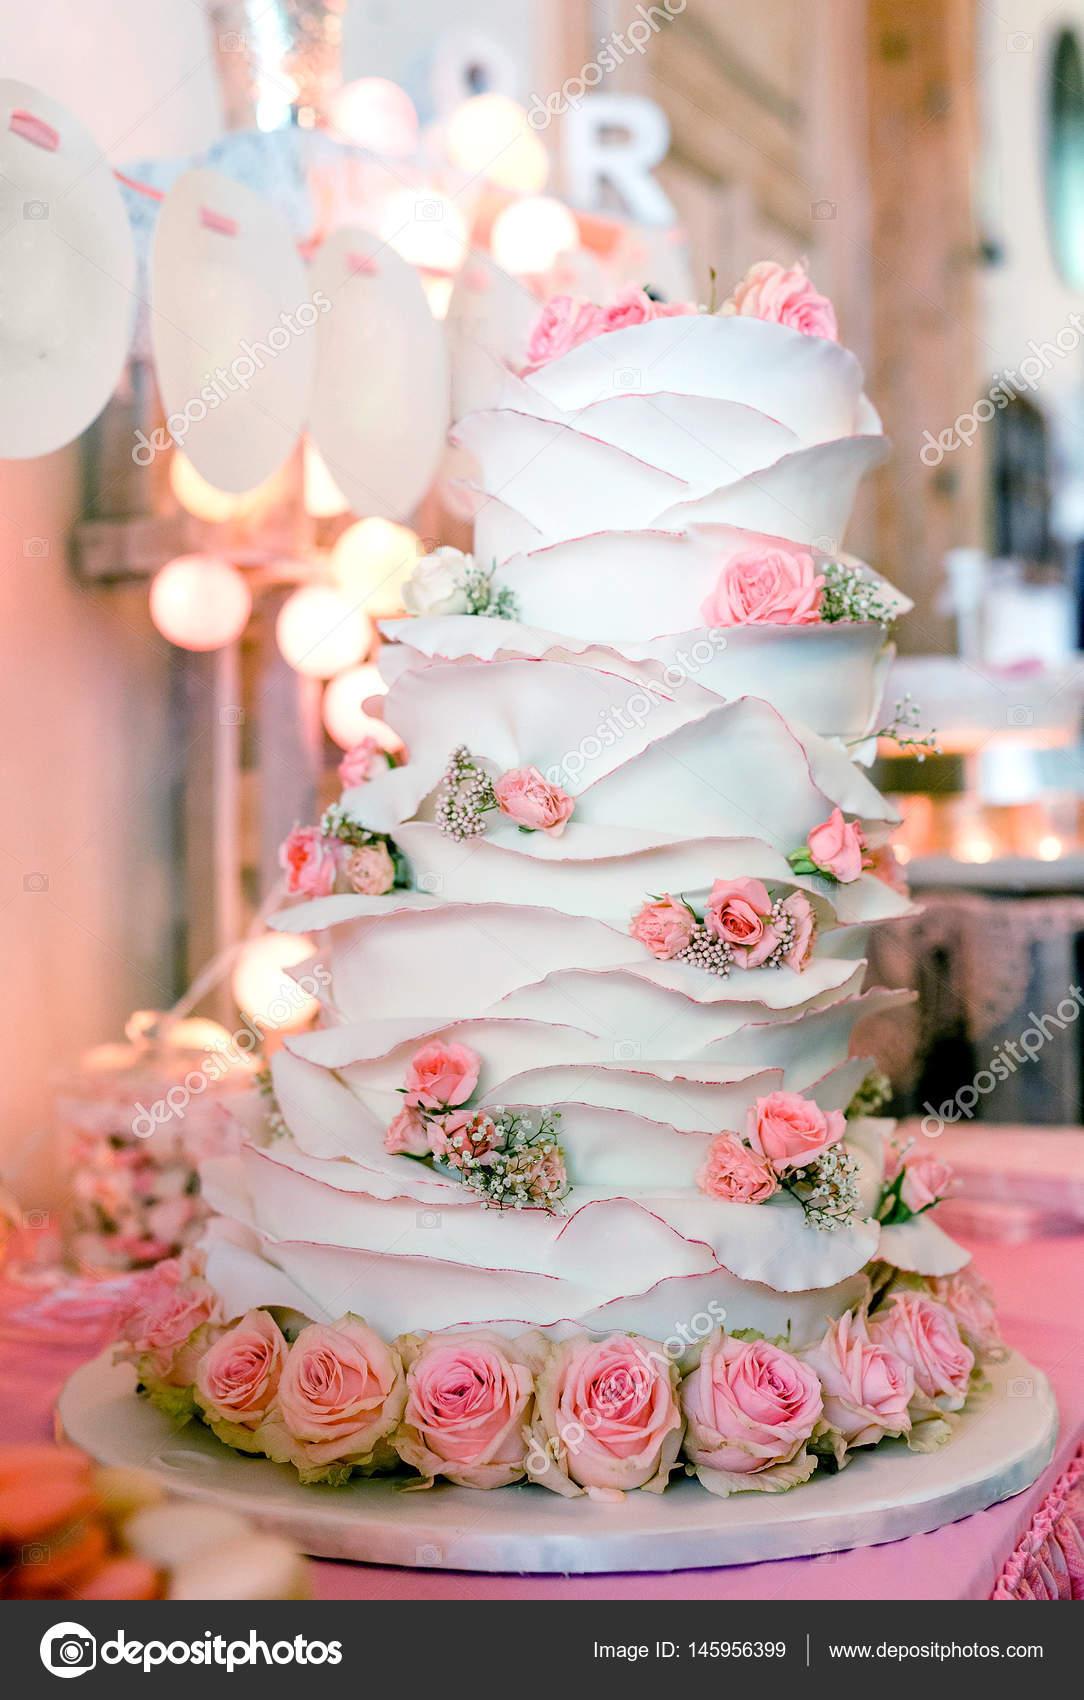 Wunderbar Schöner Kuchen Hintergrund U2014 Stockfoto